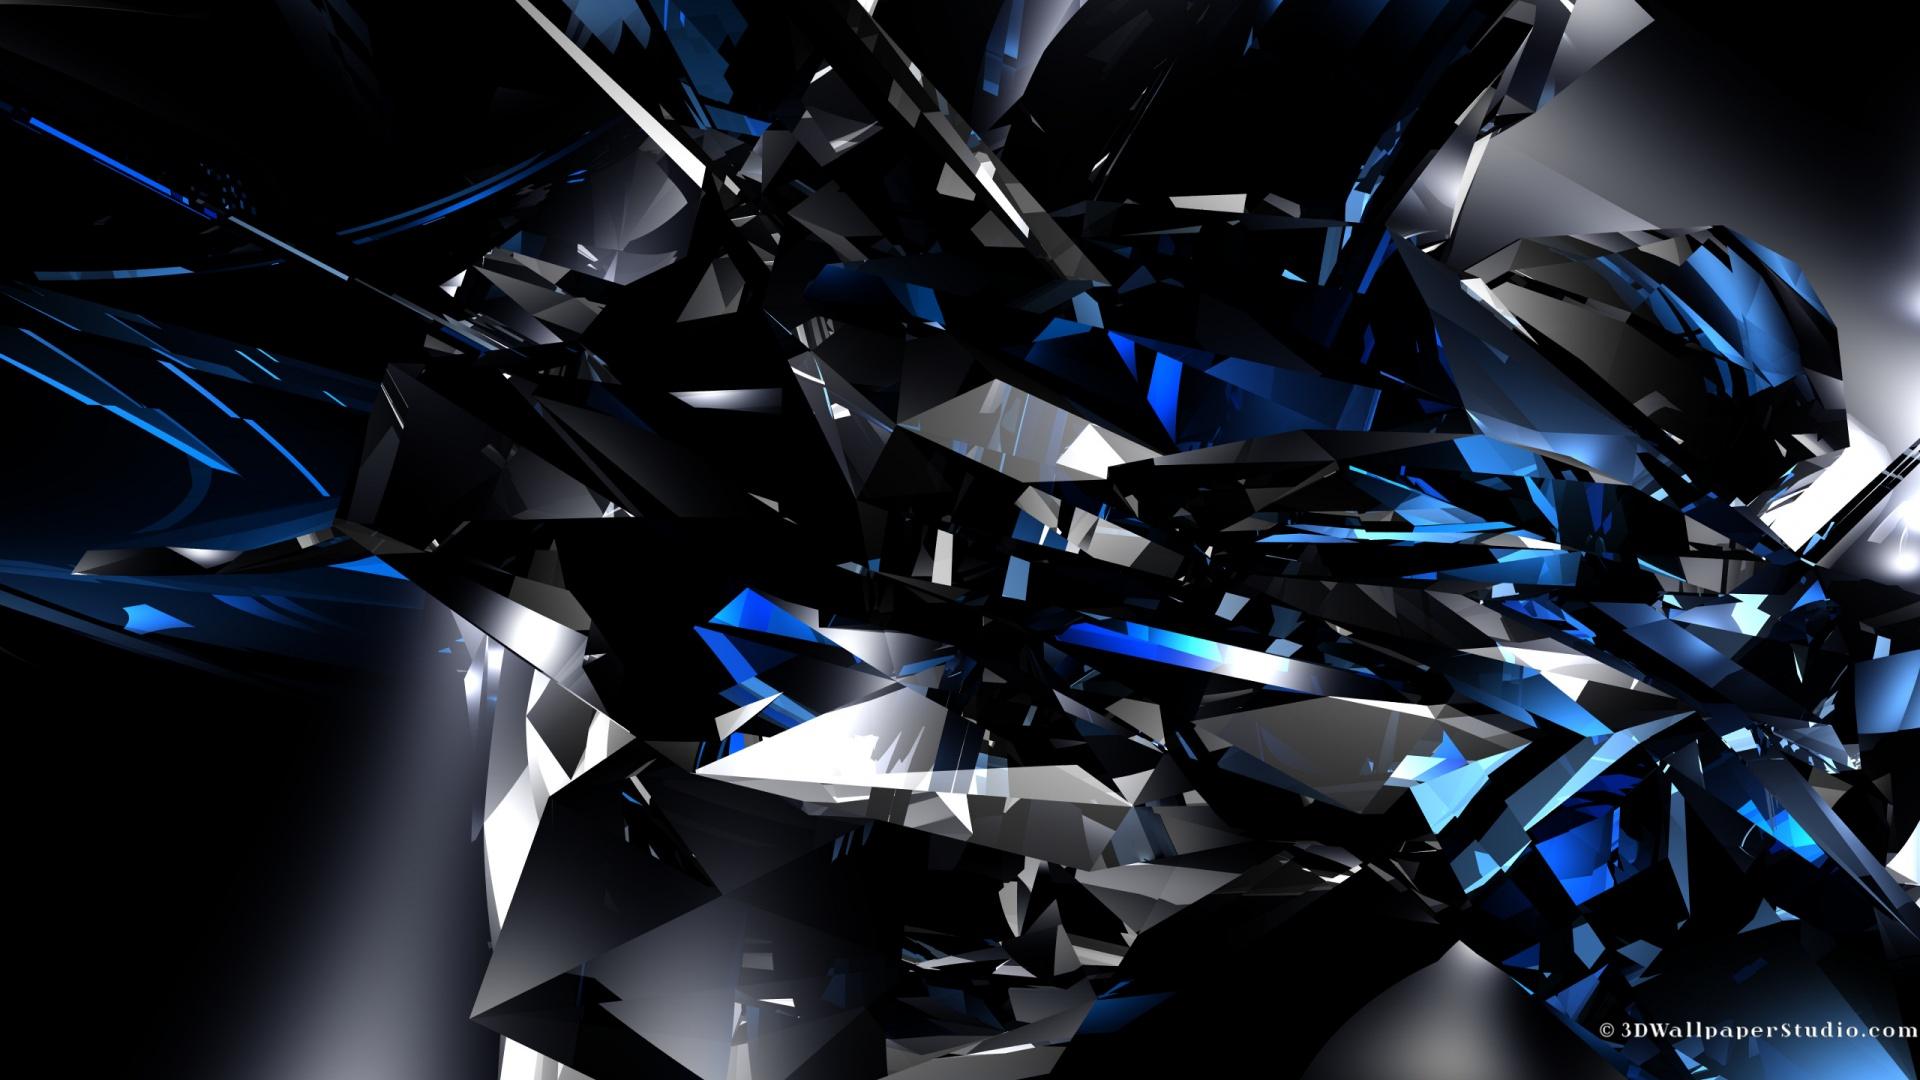 3D Wallpaper 3D blue crystals 1920 x 1080 1920x1080